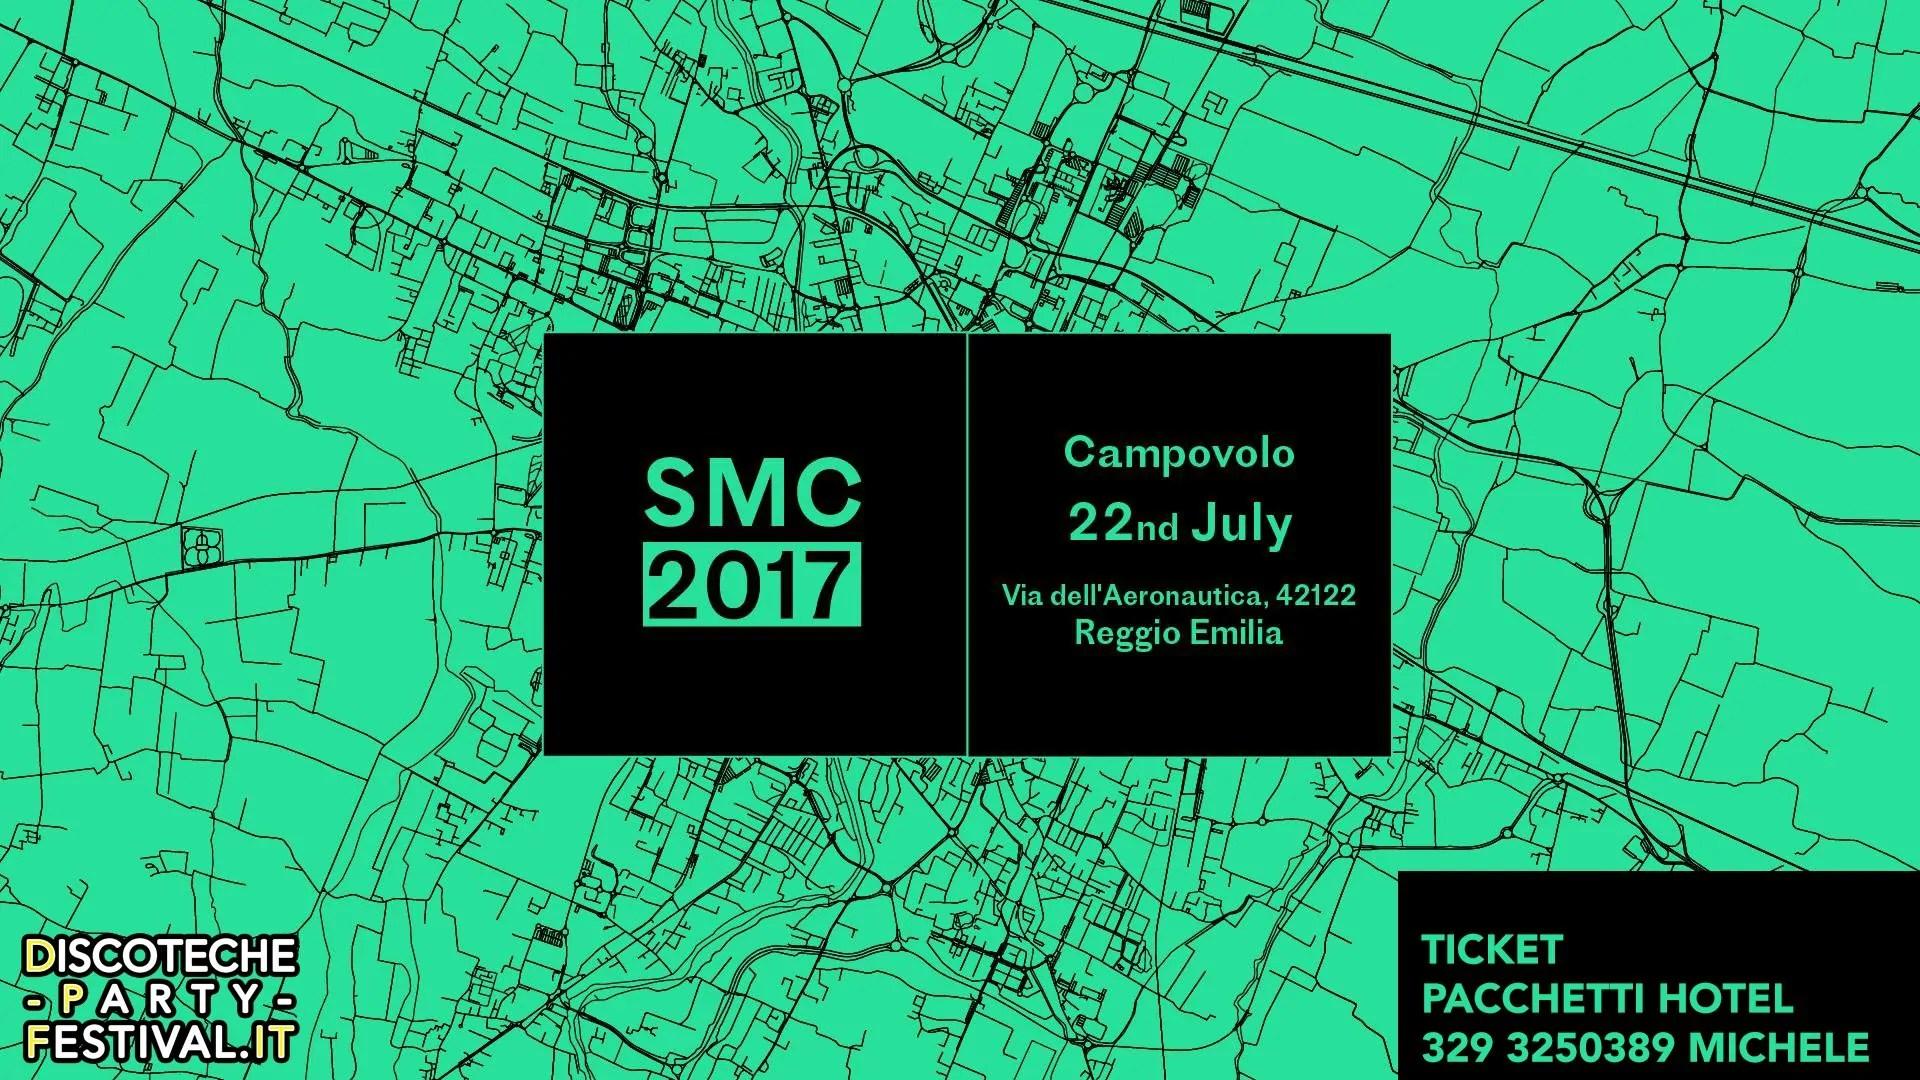 Social Music City Campovolo 22 07 2017 Ticket Biglietti Pacchetti Hotel